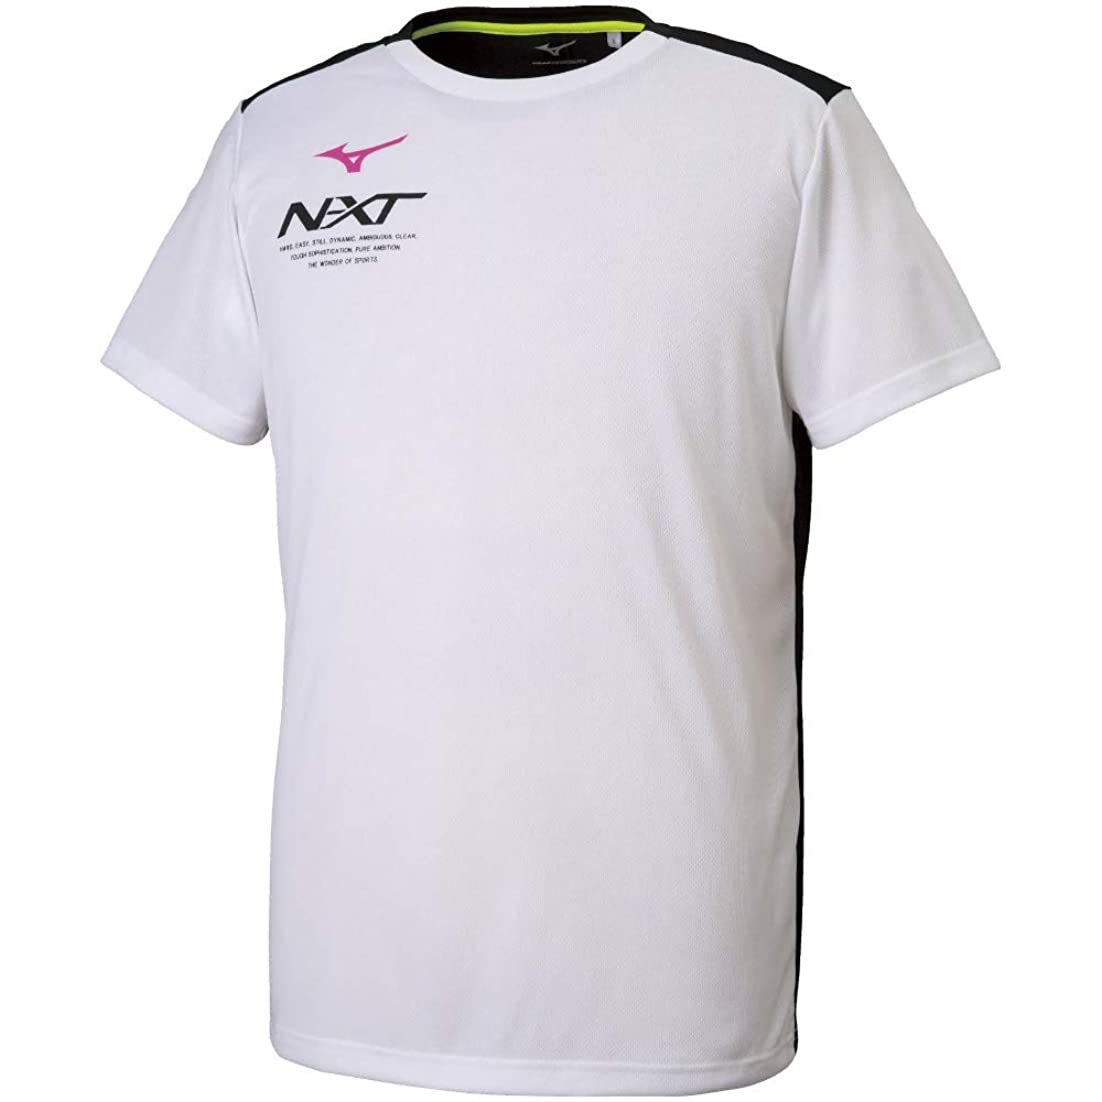 ノーブル大学院議論する[ミズノ] トレーニングウェア N-XT Tシャツ 半袖 細身 吸汗速乾 32JA9215